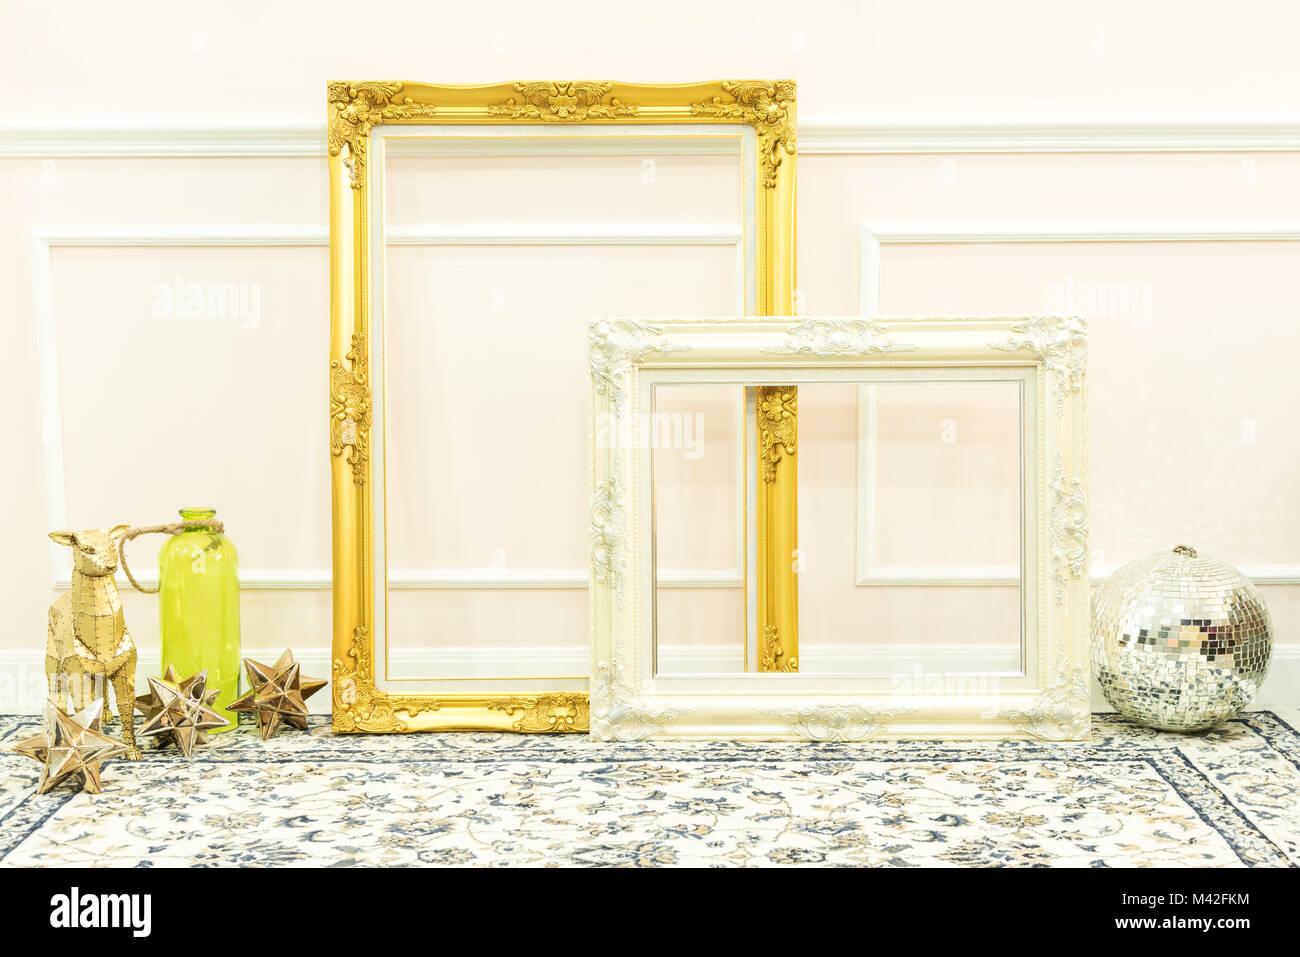 Vintage en blanco y oro blanco y marcos de madera decorativa en el ...